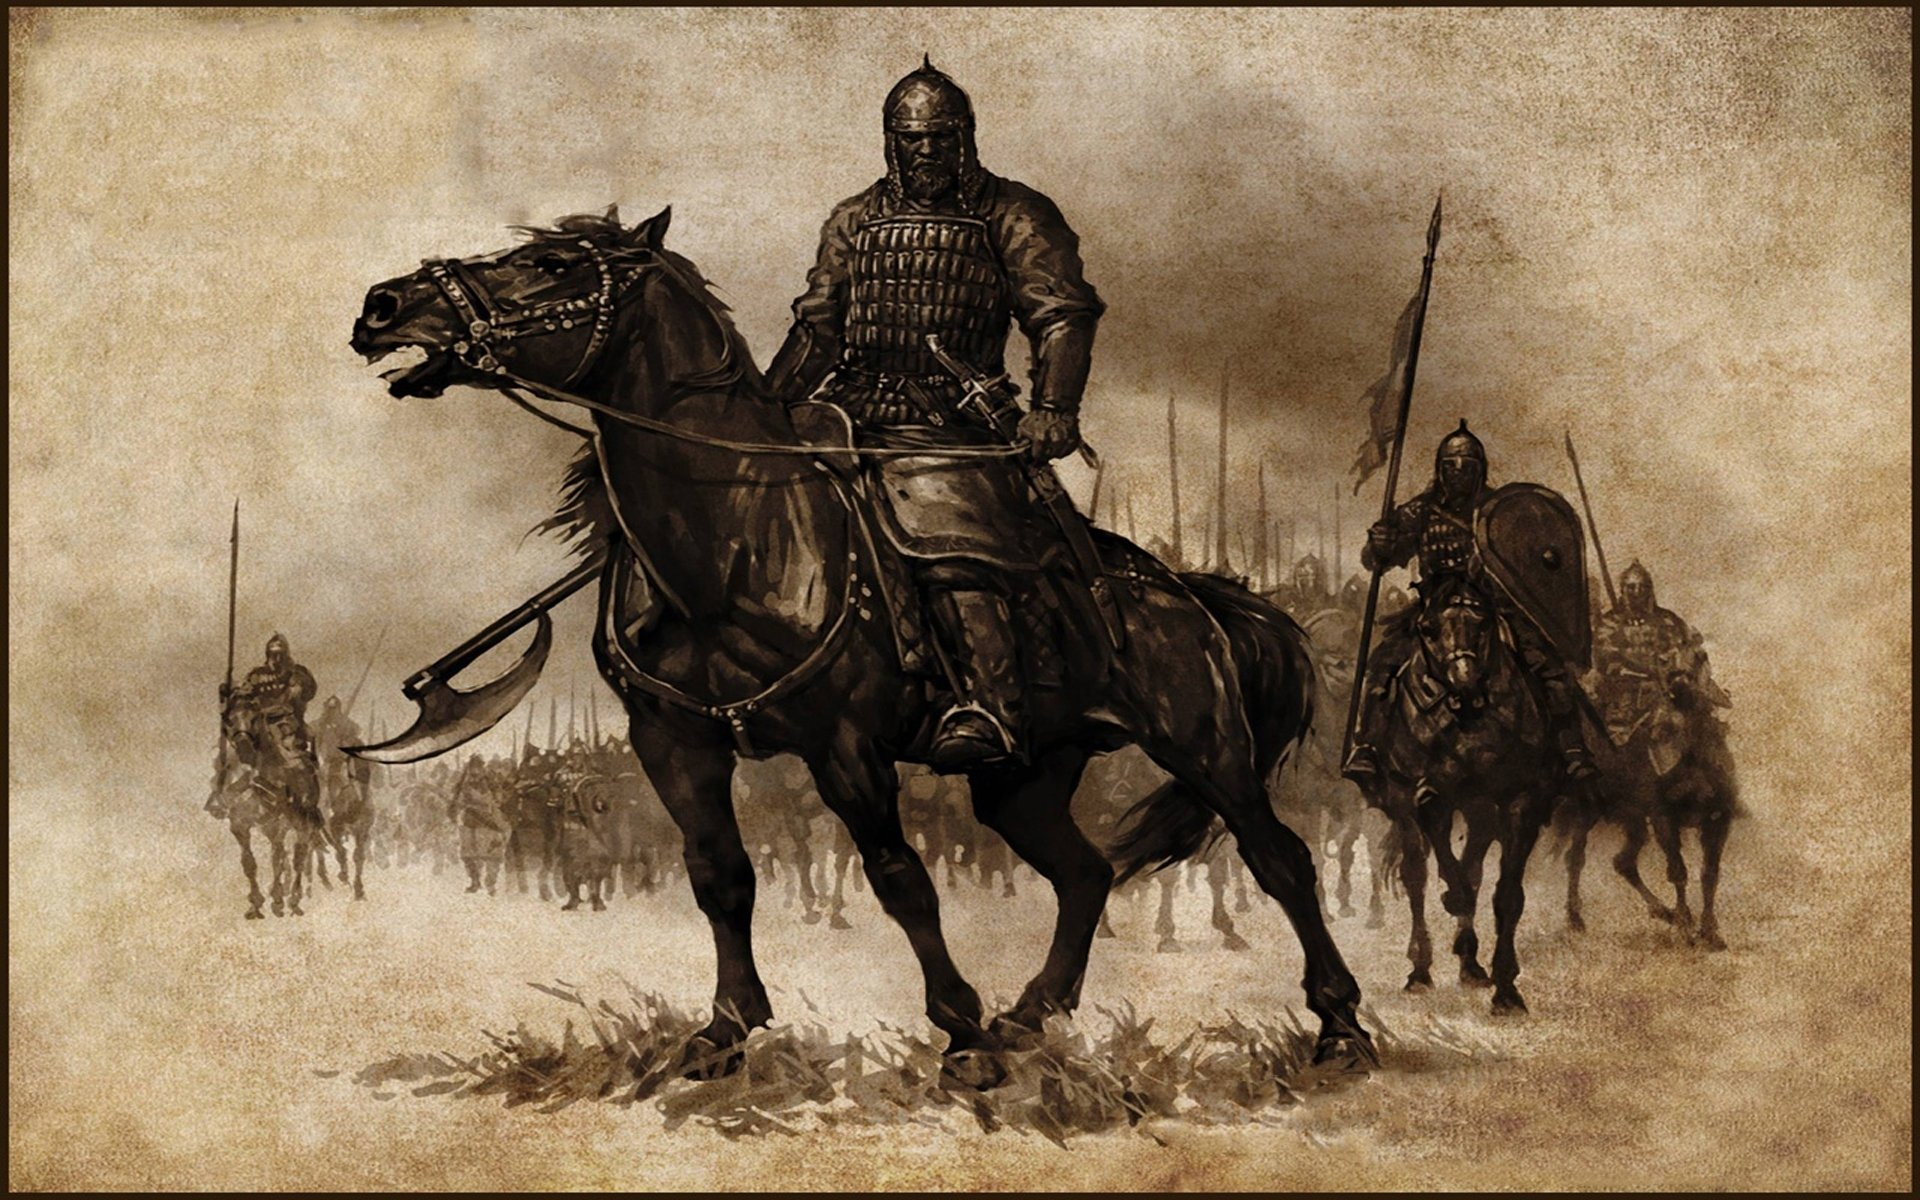 В субботу, 12 октября, давайте поиграем в Mount & Blade: Warband. Будет много народу, будет весело.. - Изображение 1